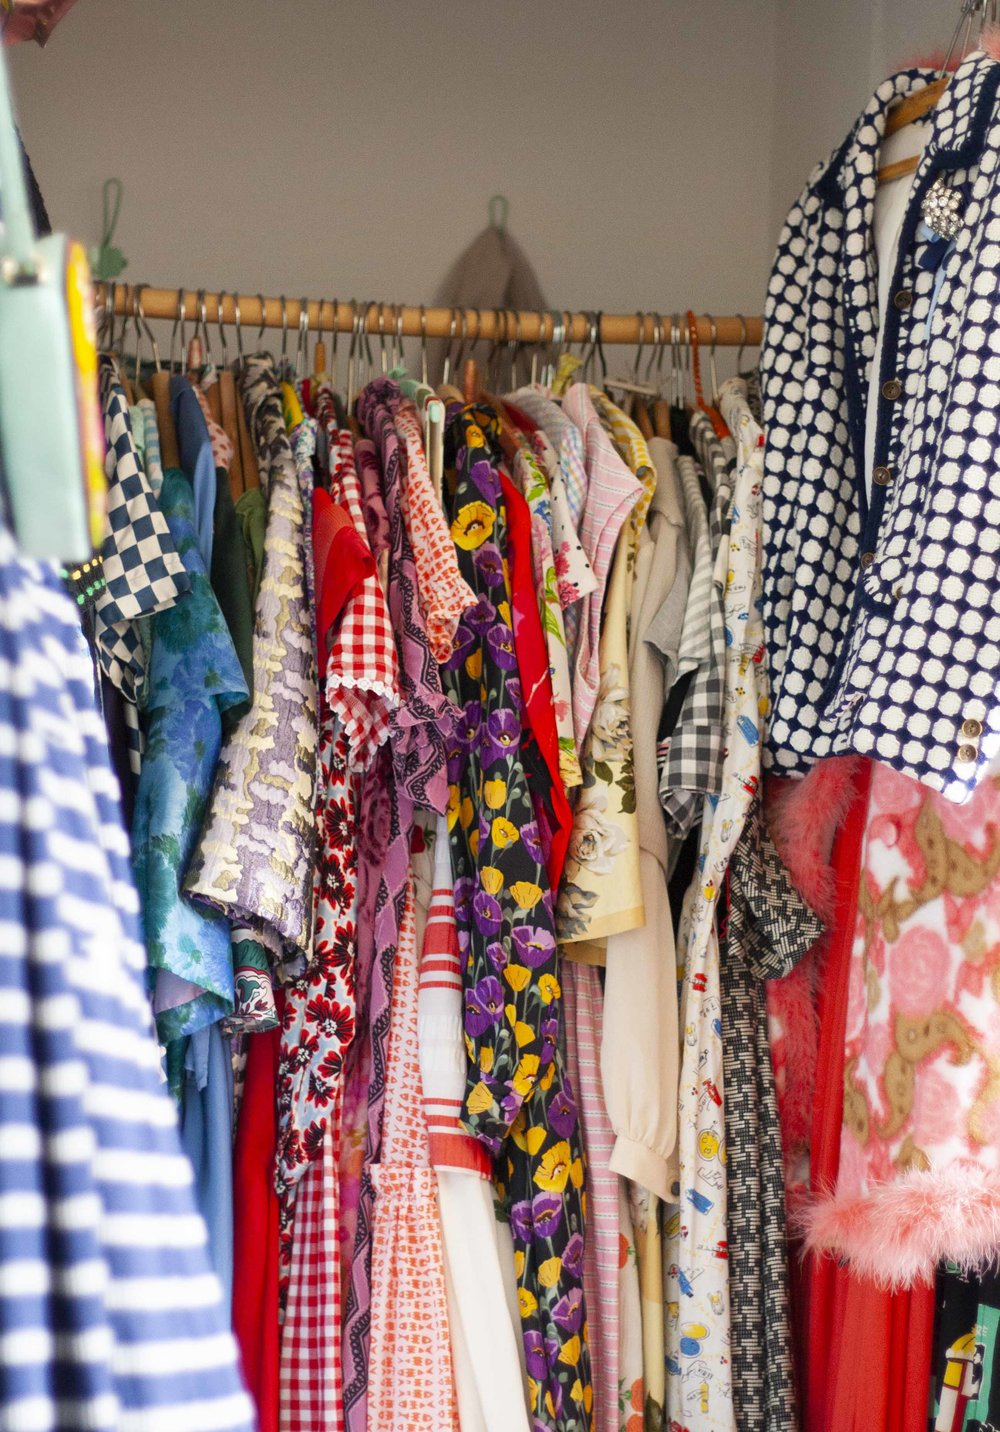 Farver, striber, print og mønstre i massevis. Ca. 95% af mine kjoler er vintage.